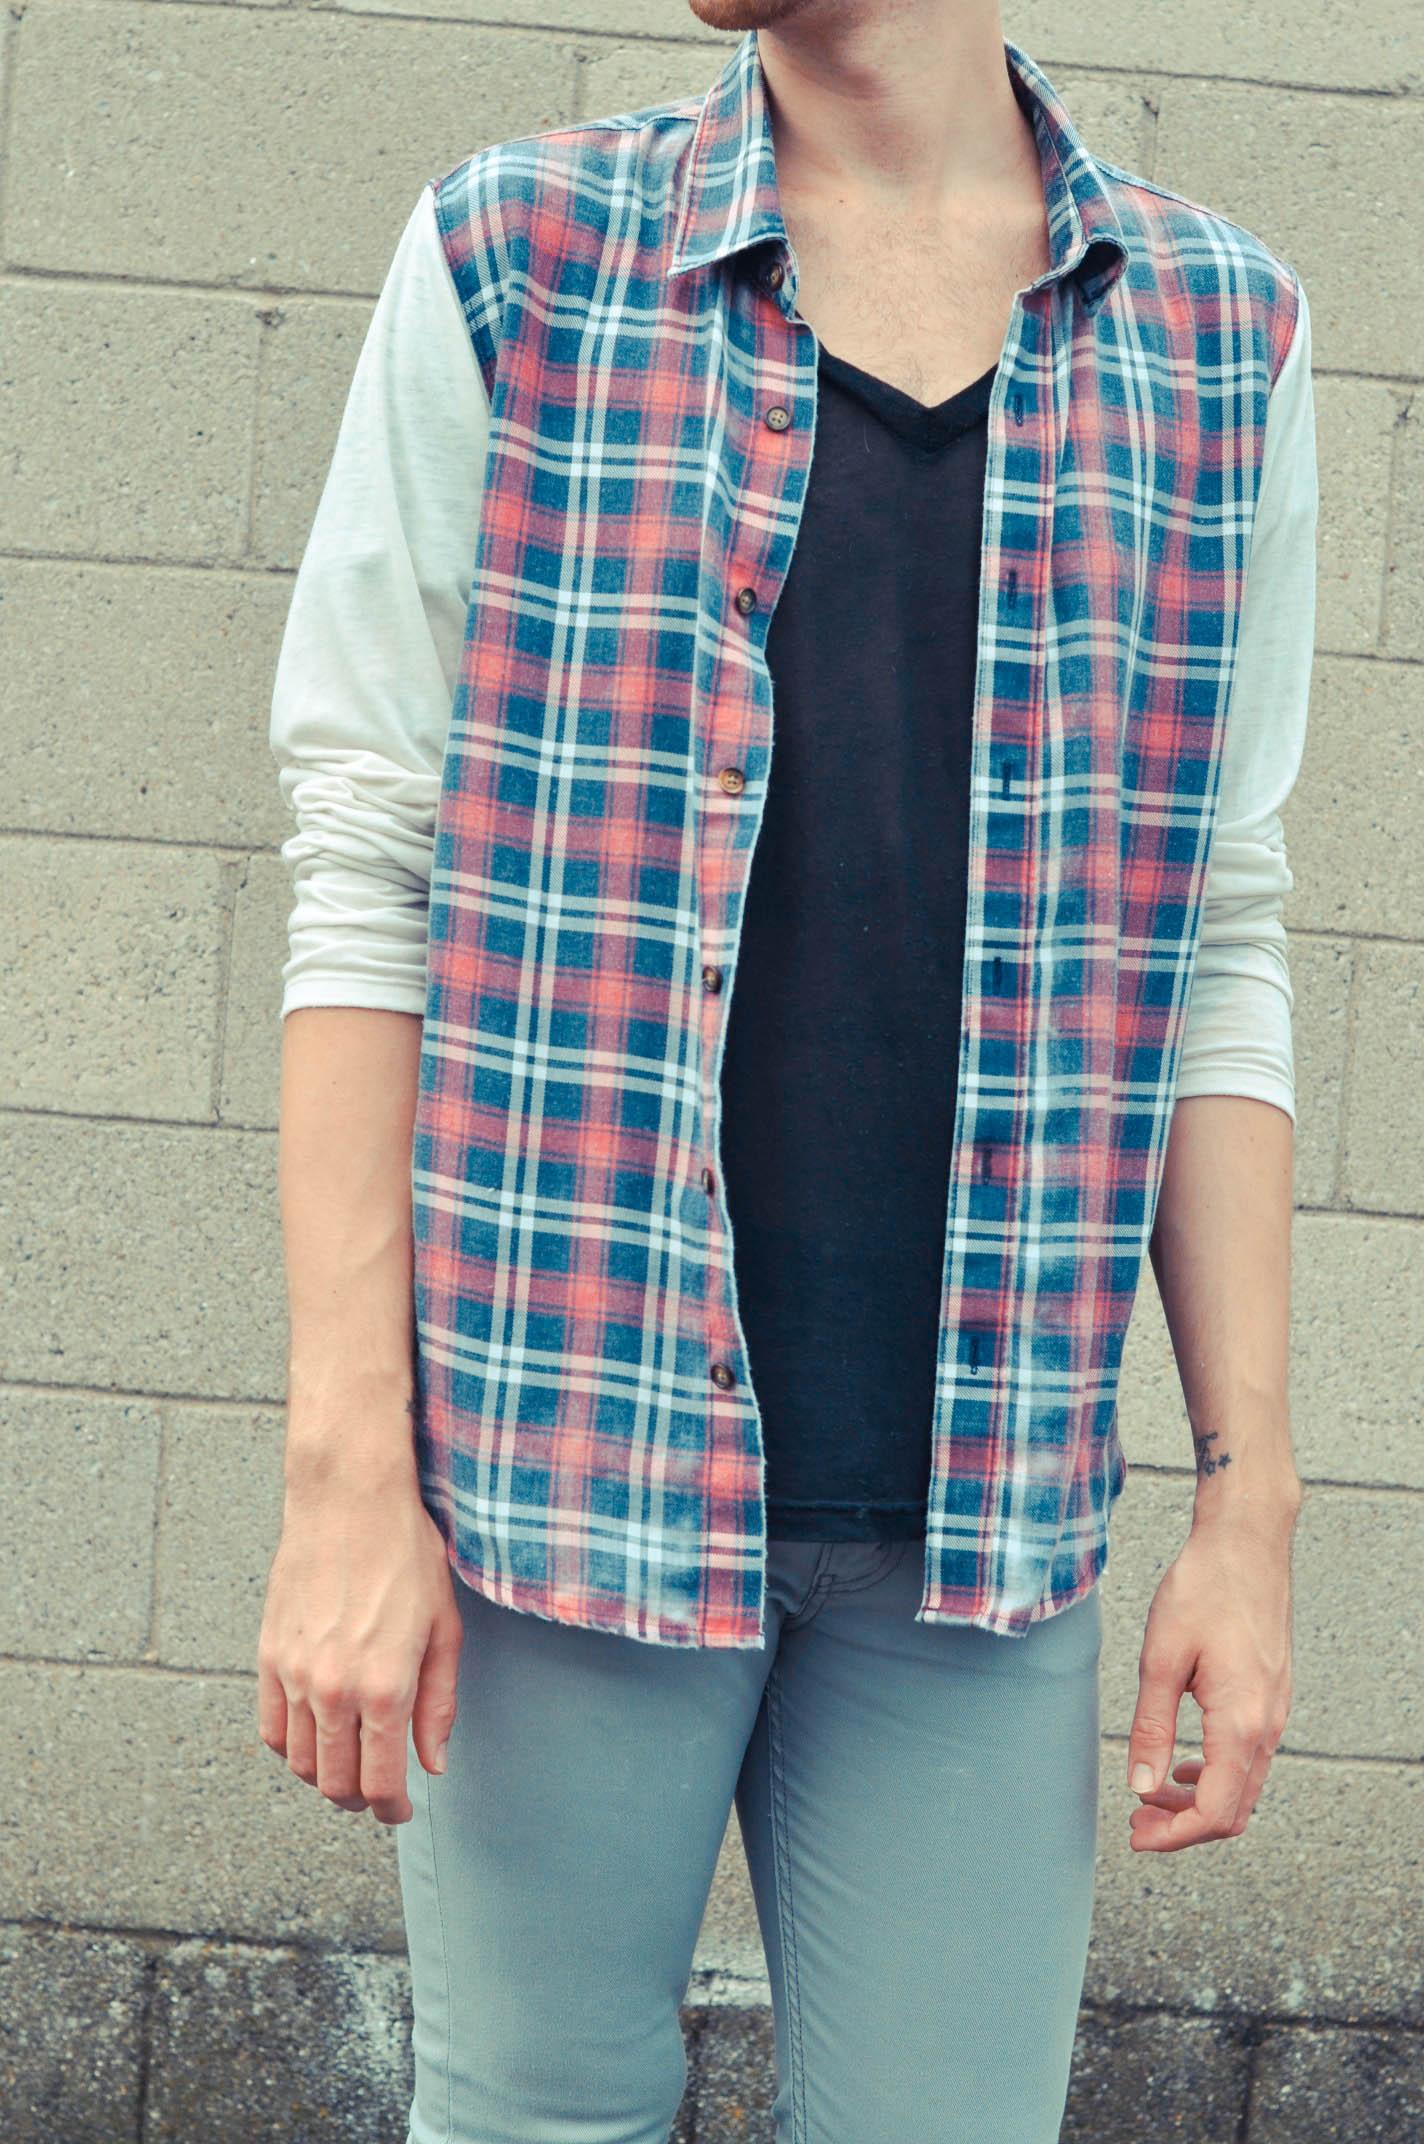 american-apparel-t-shirt-color-fast-plaid-shirt-levis-jeans